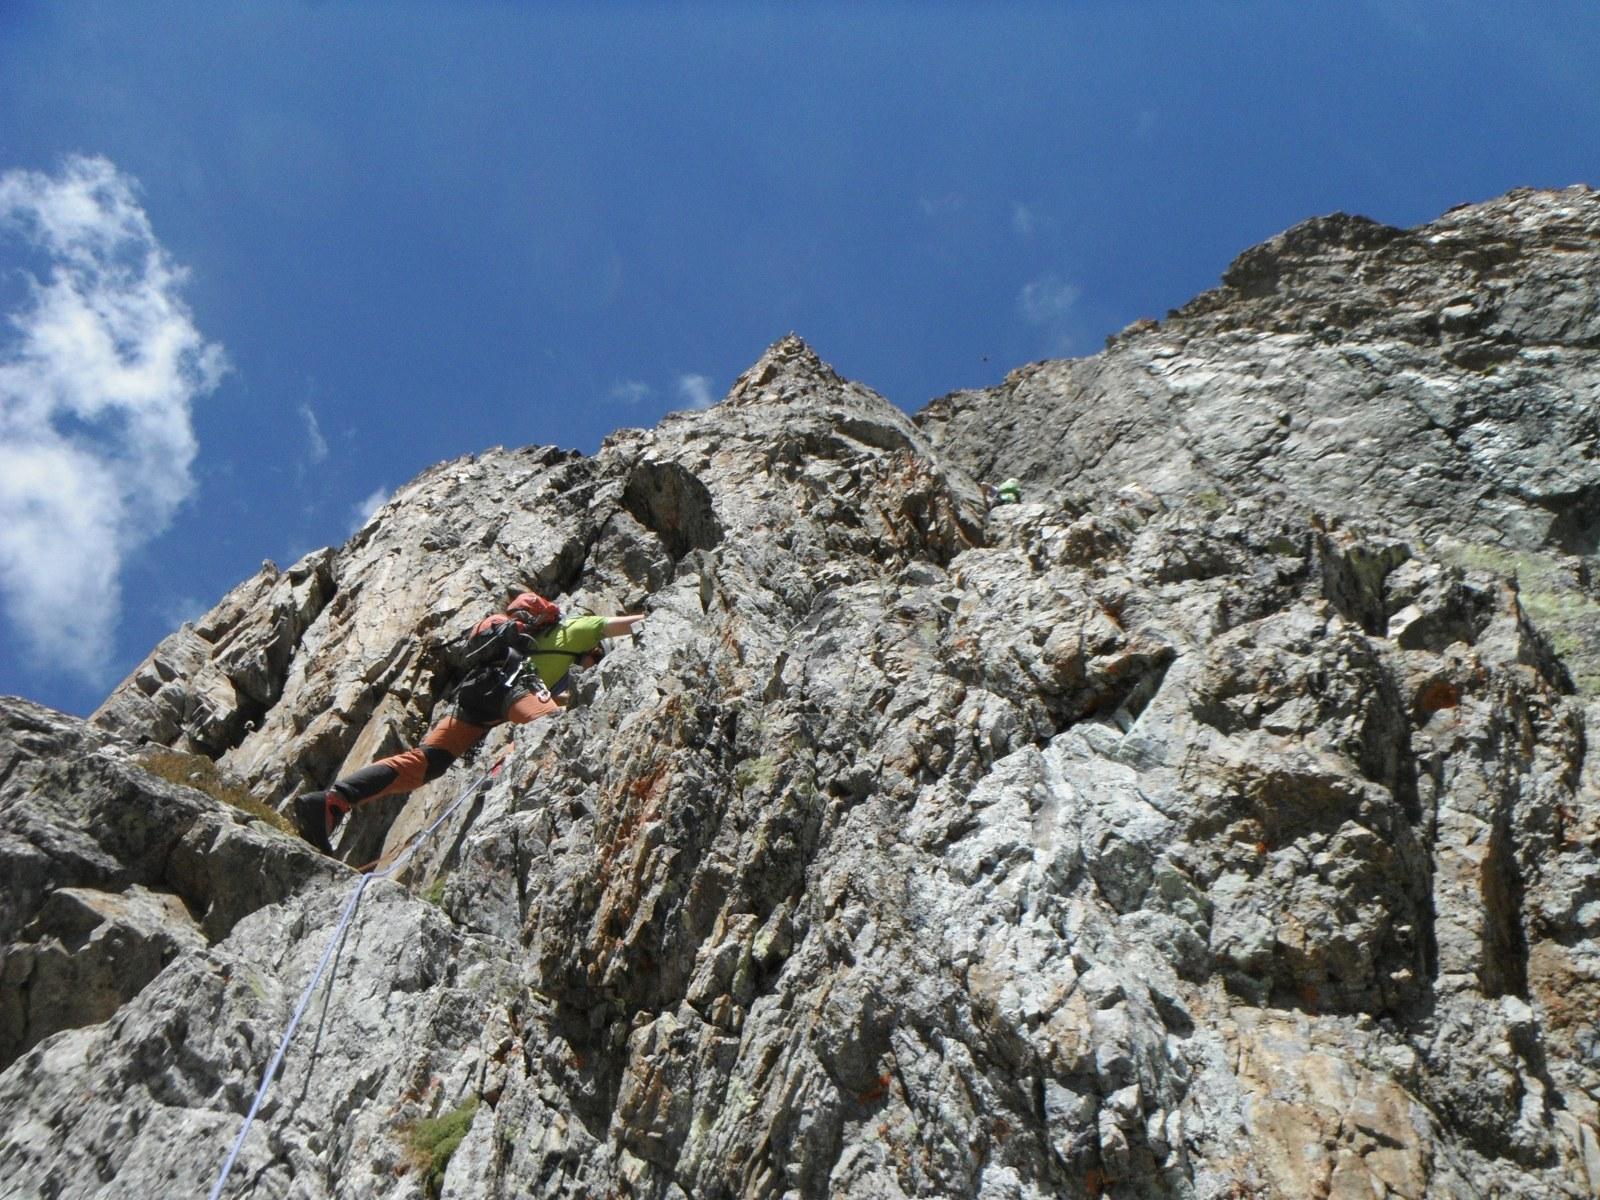 JB in bella arrampicata dalla prima breccia